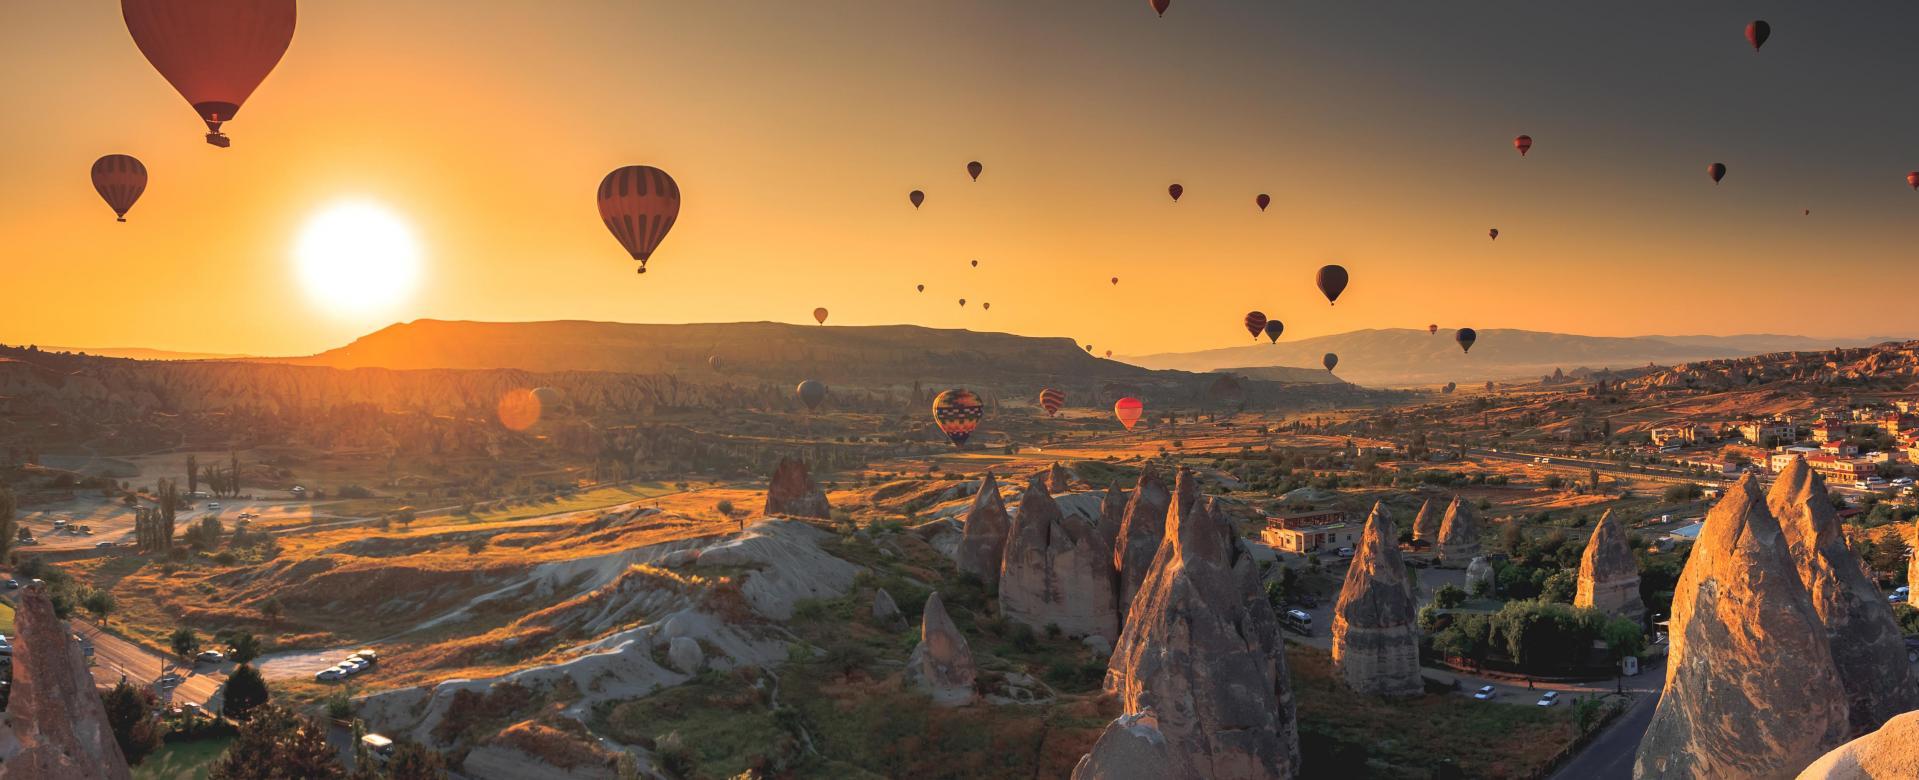 Voyage à pied Turquie : De la cappadoce à istanbul